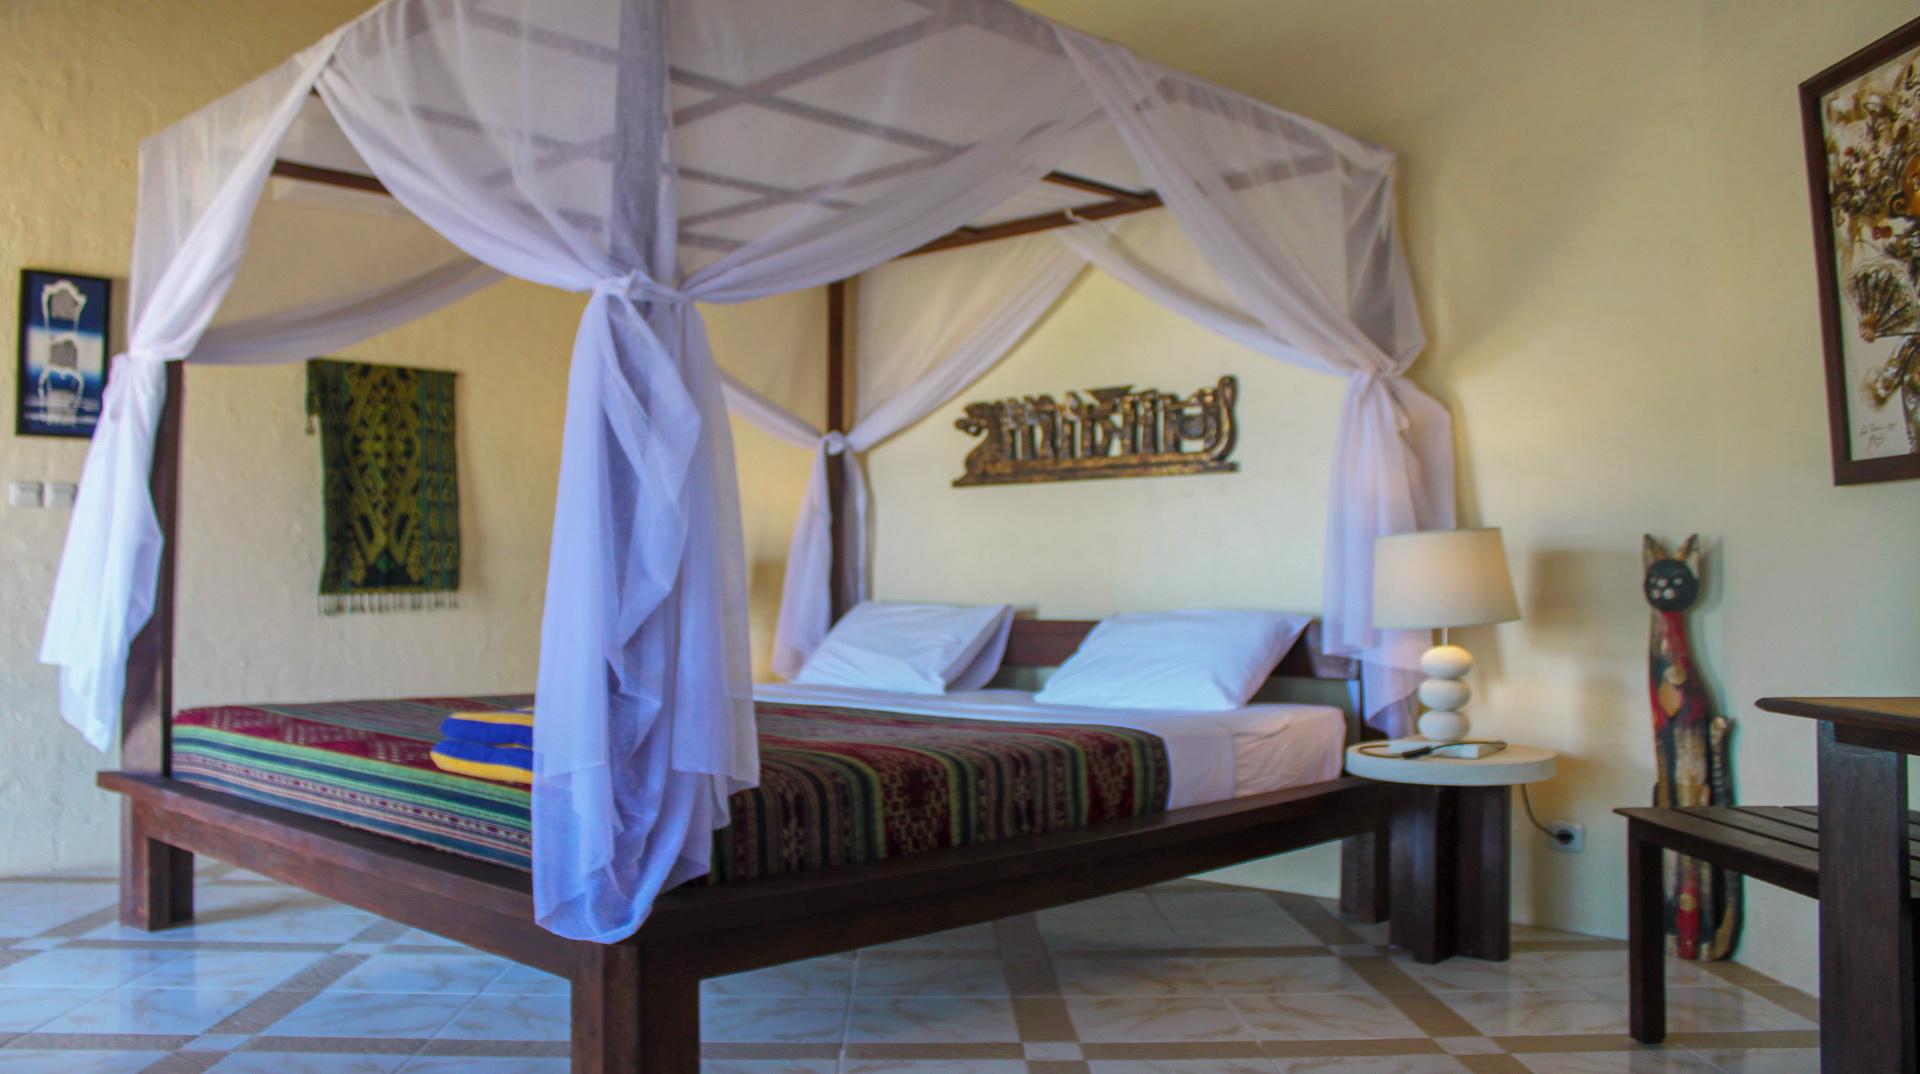 lit à baldaquin dans la bungalow avec vue sur l'océan avec AC (2 personnes)